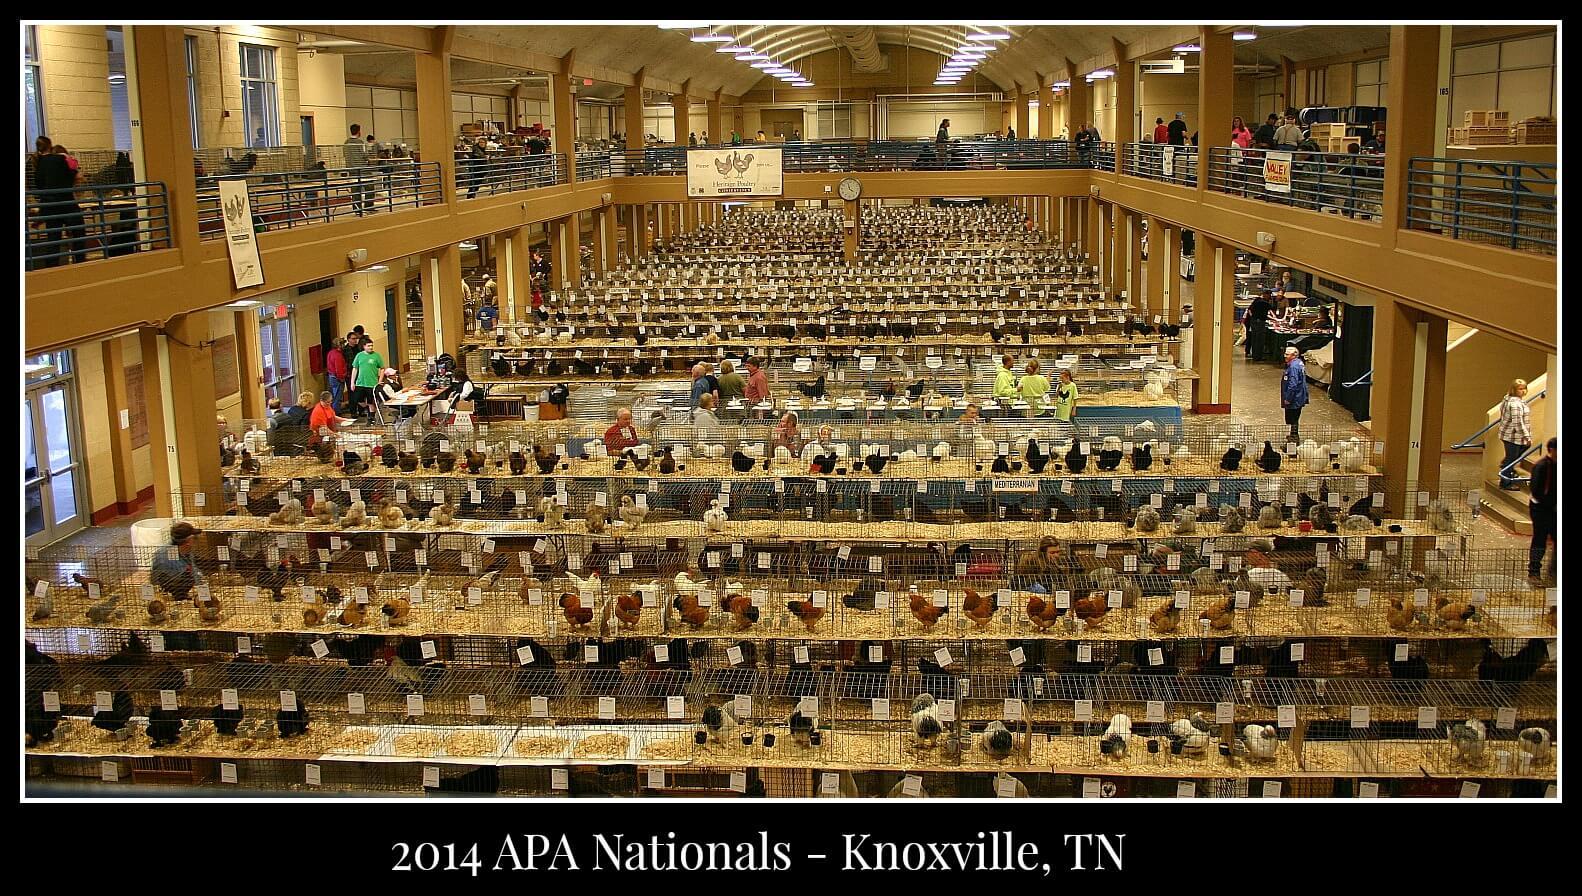 2014 APA Nationals